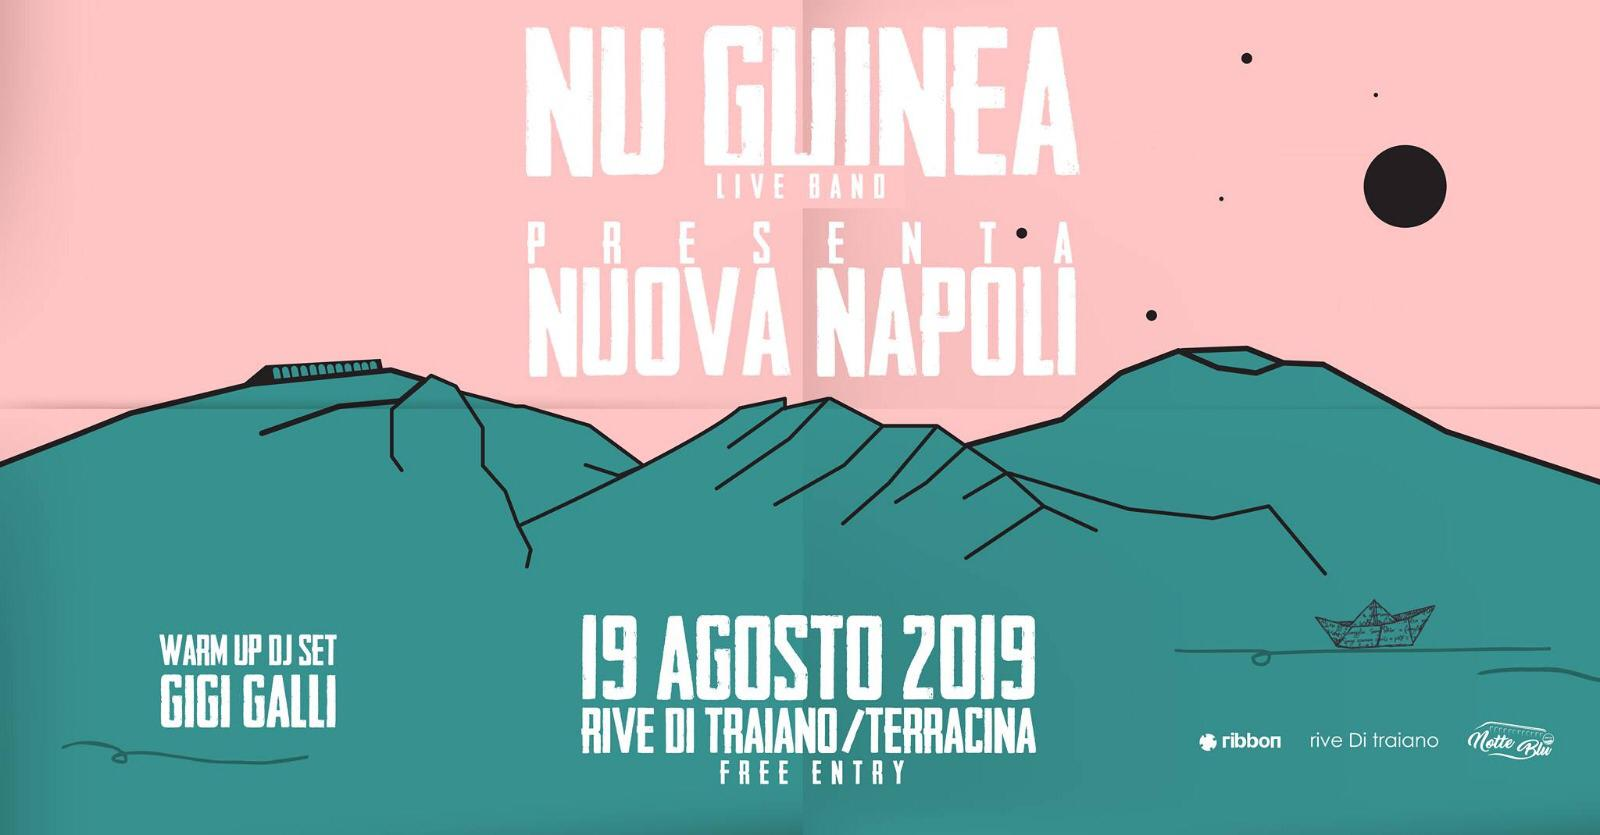 https://www.riveditraiano.com/terracina/levento-dellestate-nuguinea-live-band/